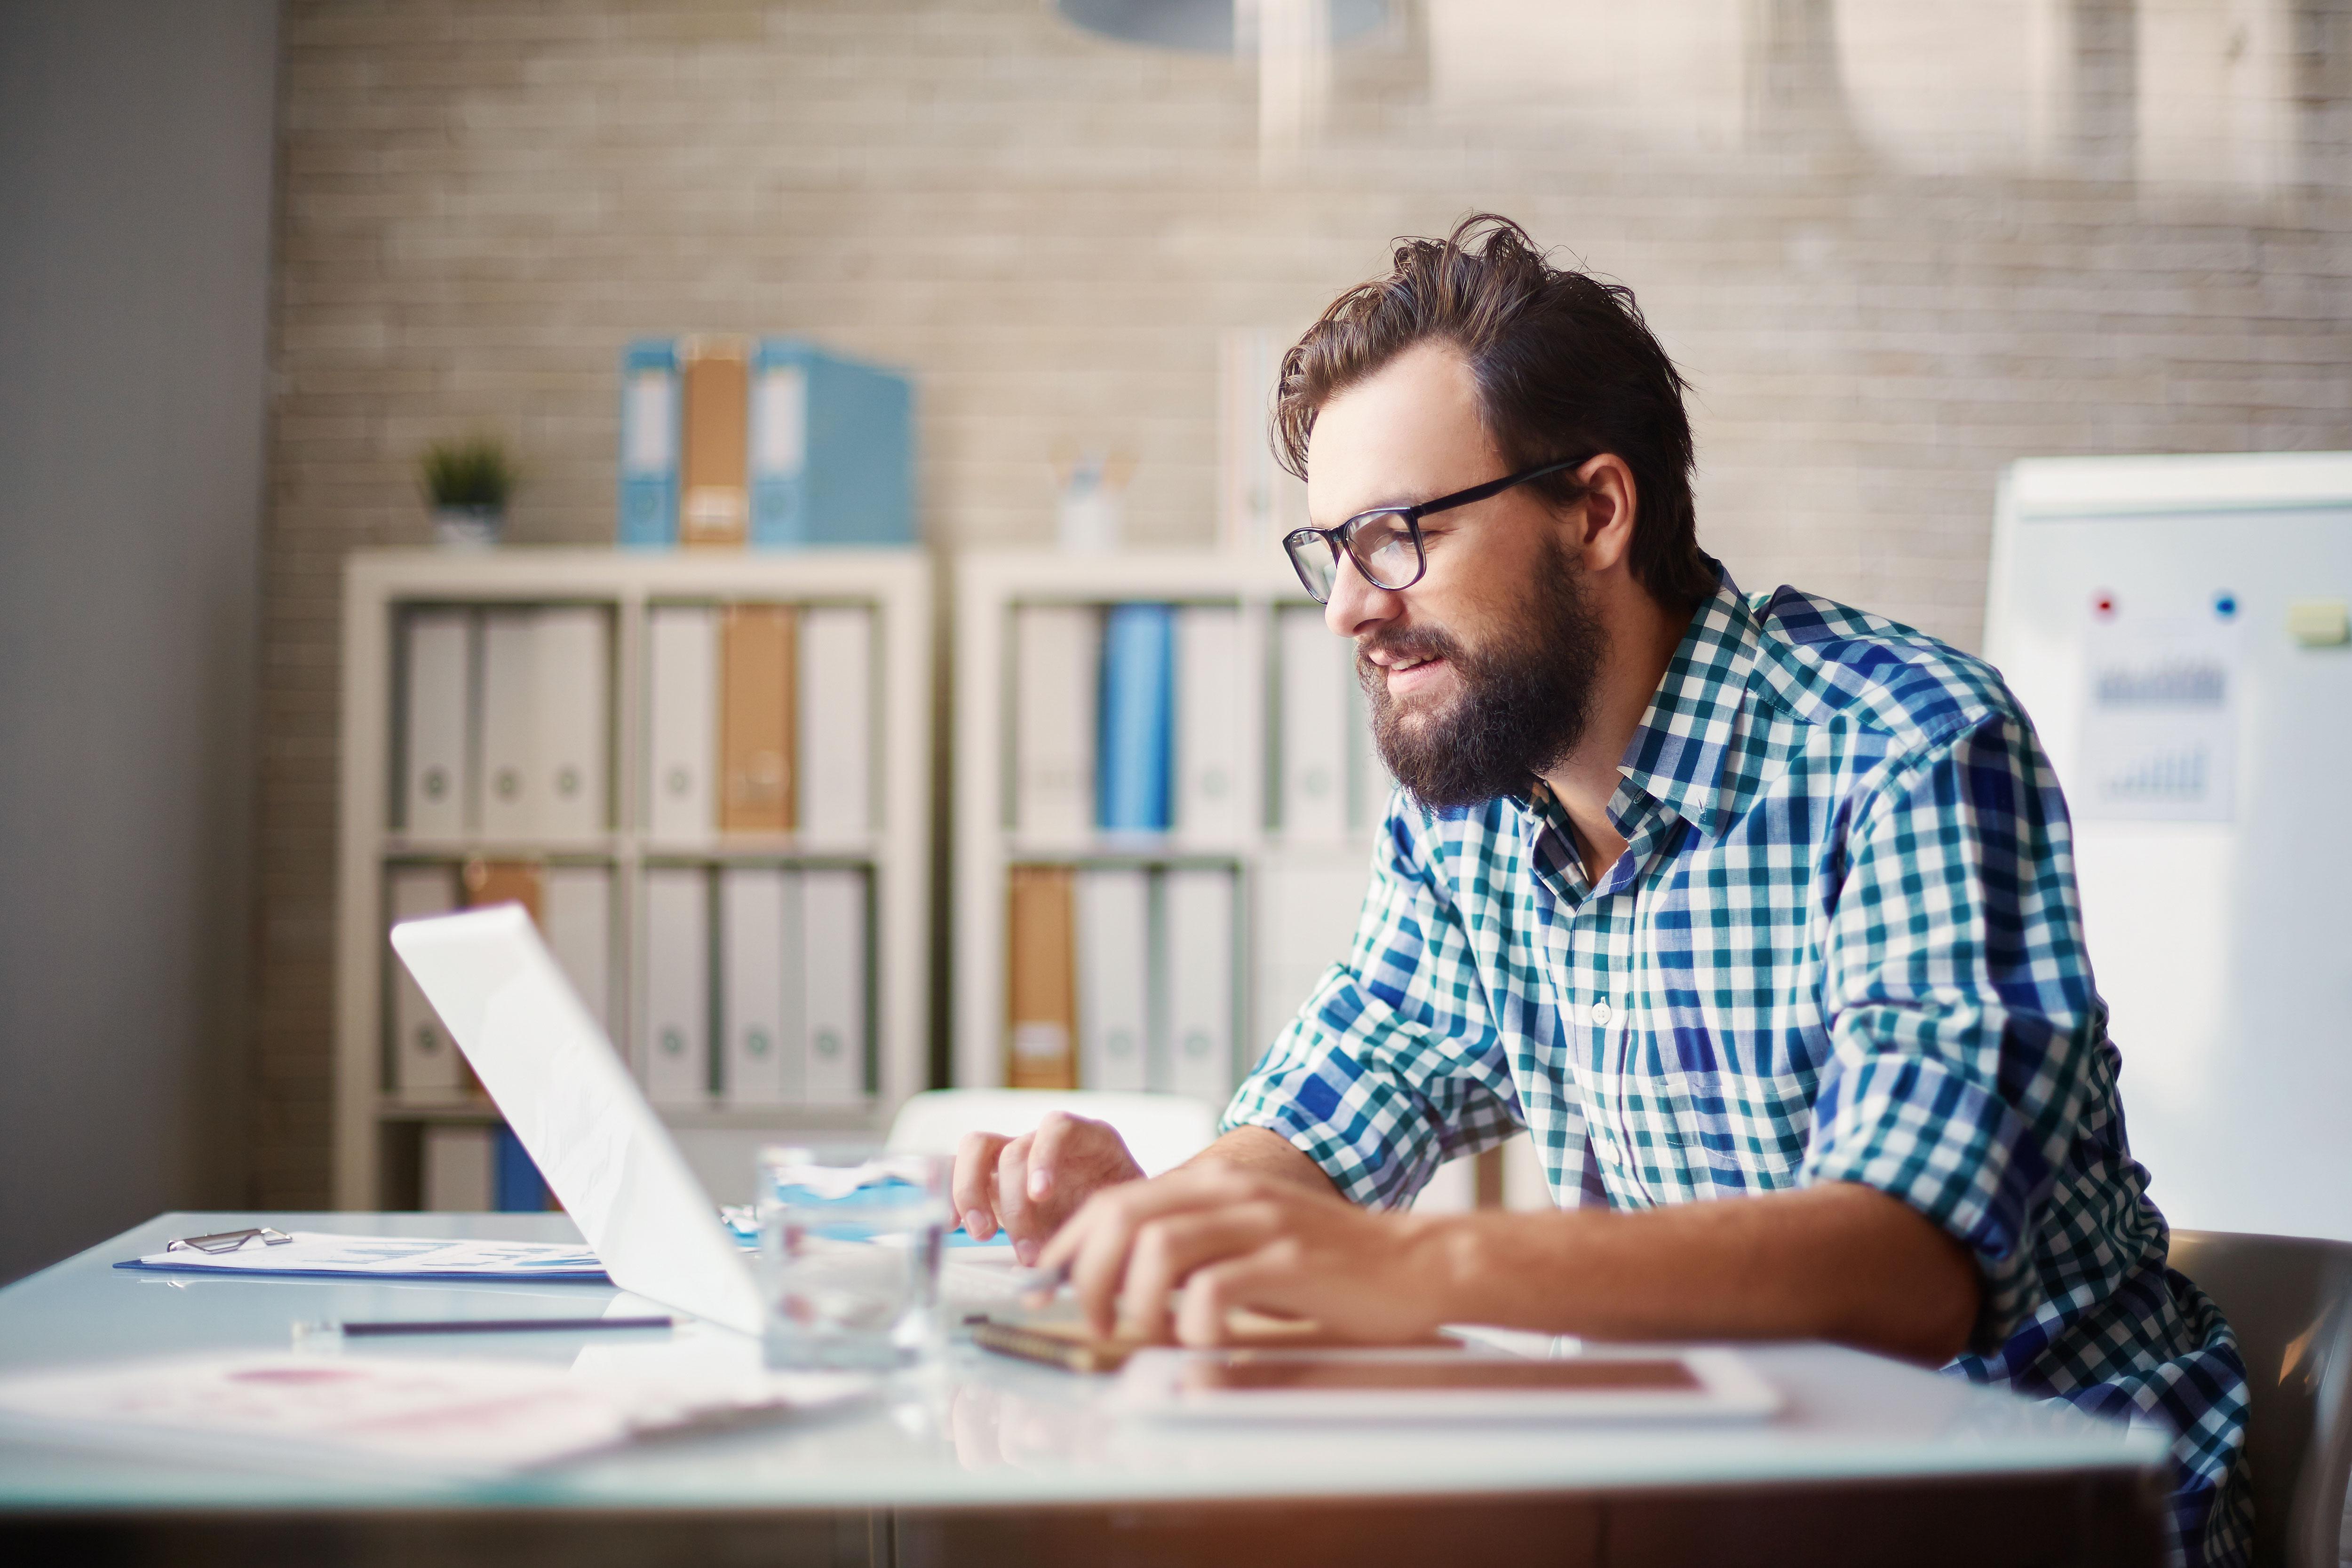 Mann tippt etwas auf einem Laptop